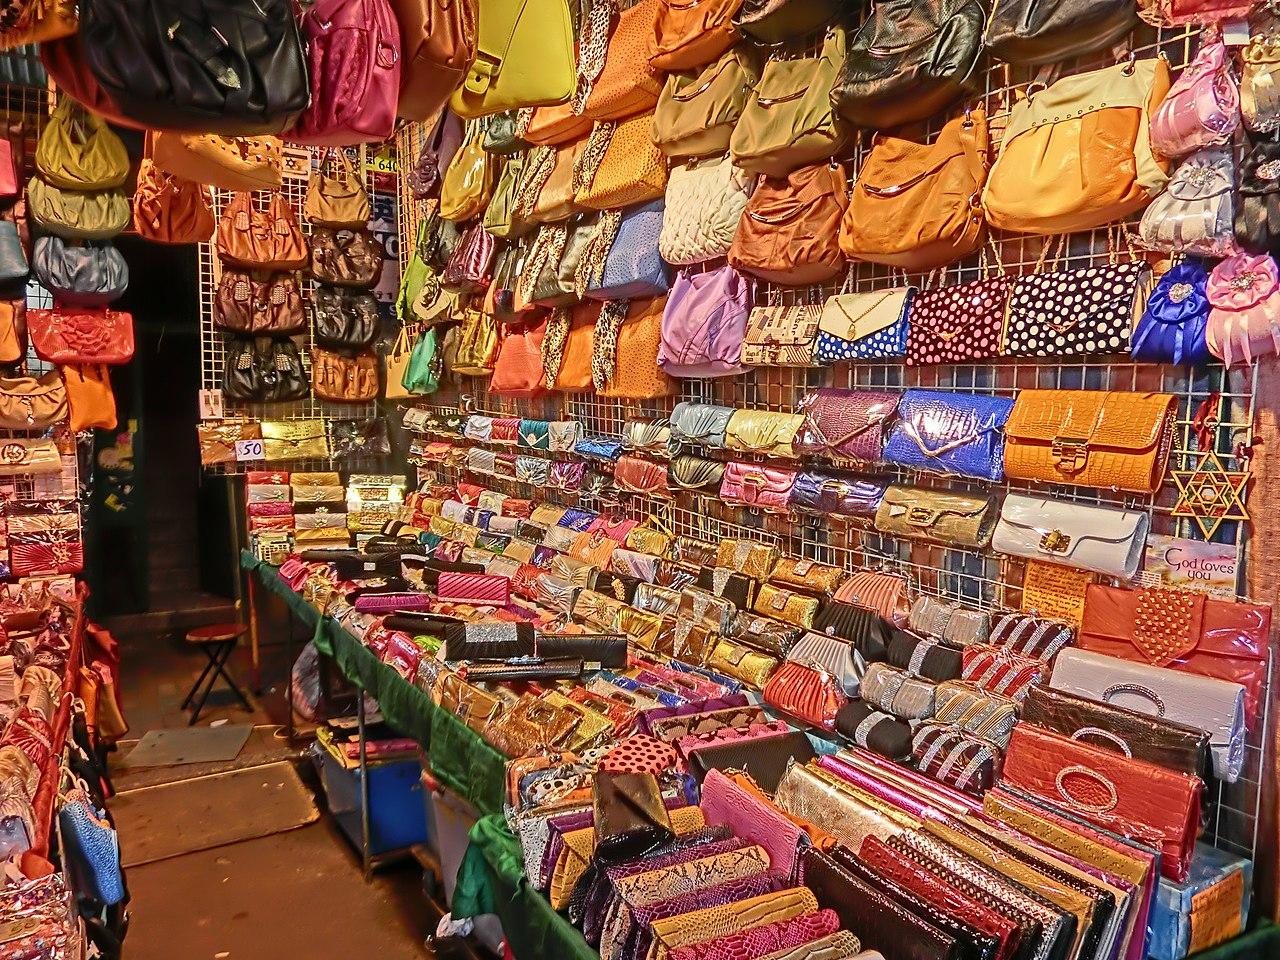 Ladies Fashion Shops Near Solihull